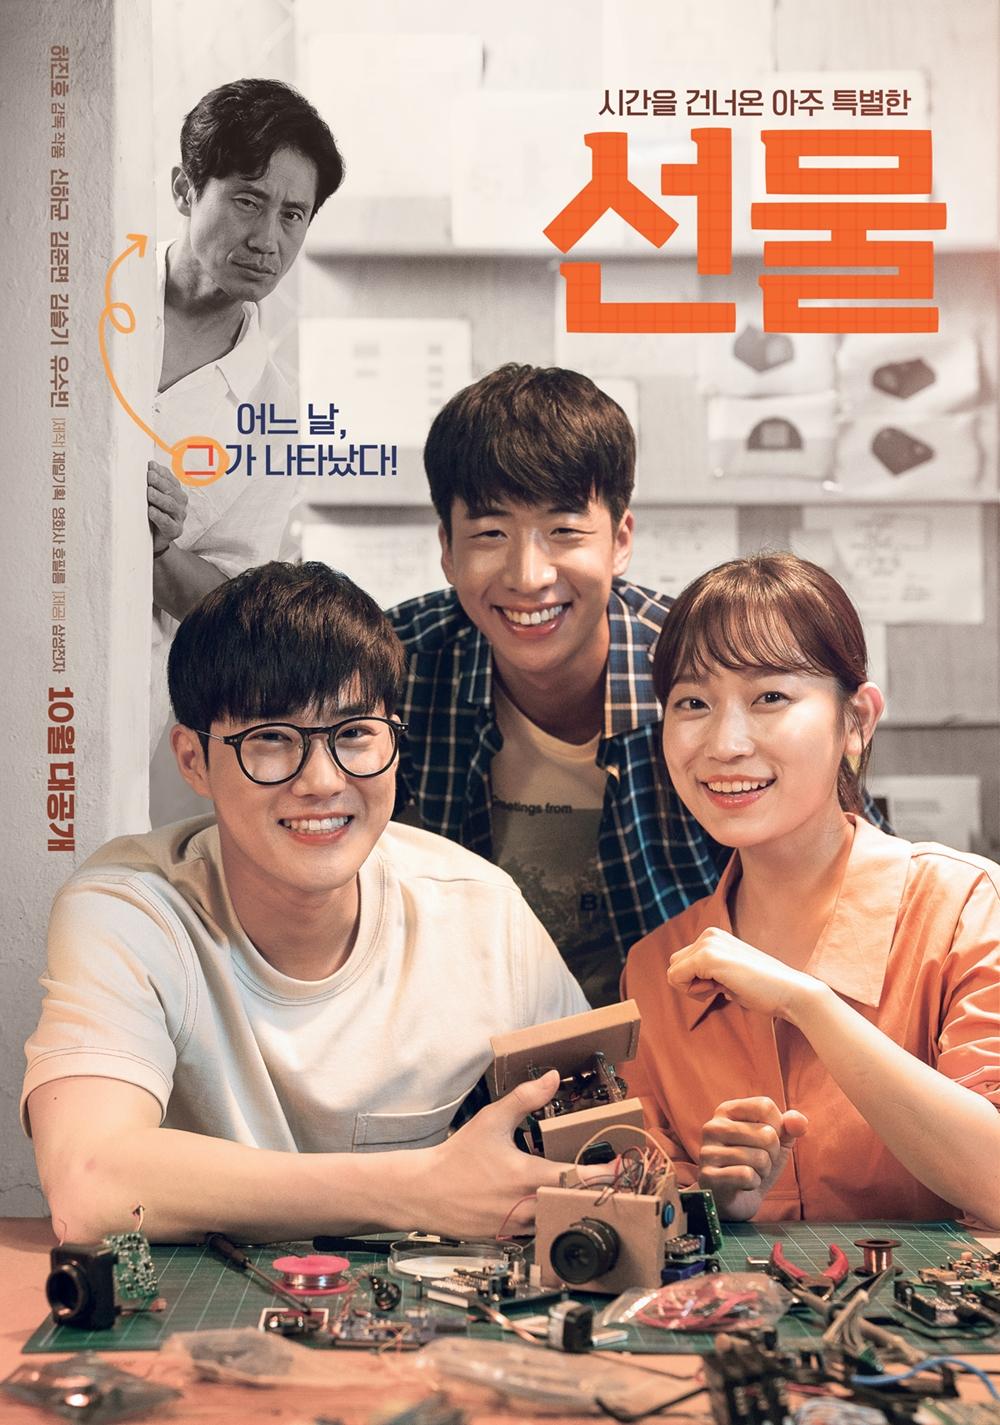 청년들의 창업 이야기를 담은 단편 영화 '선물' 포스터